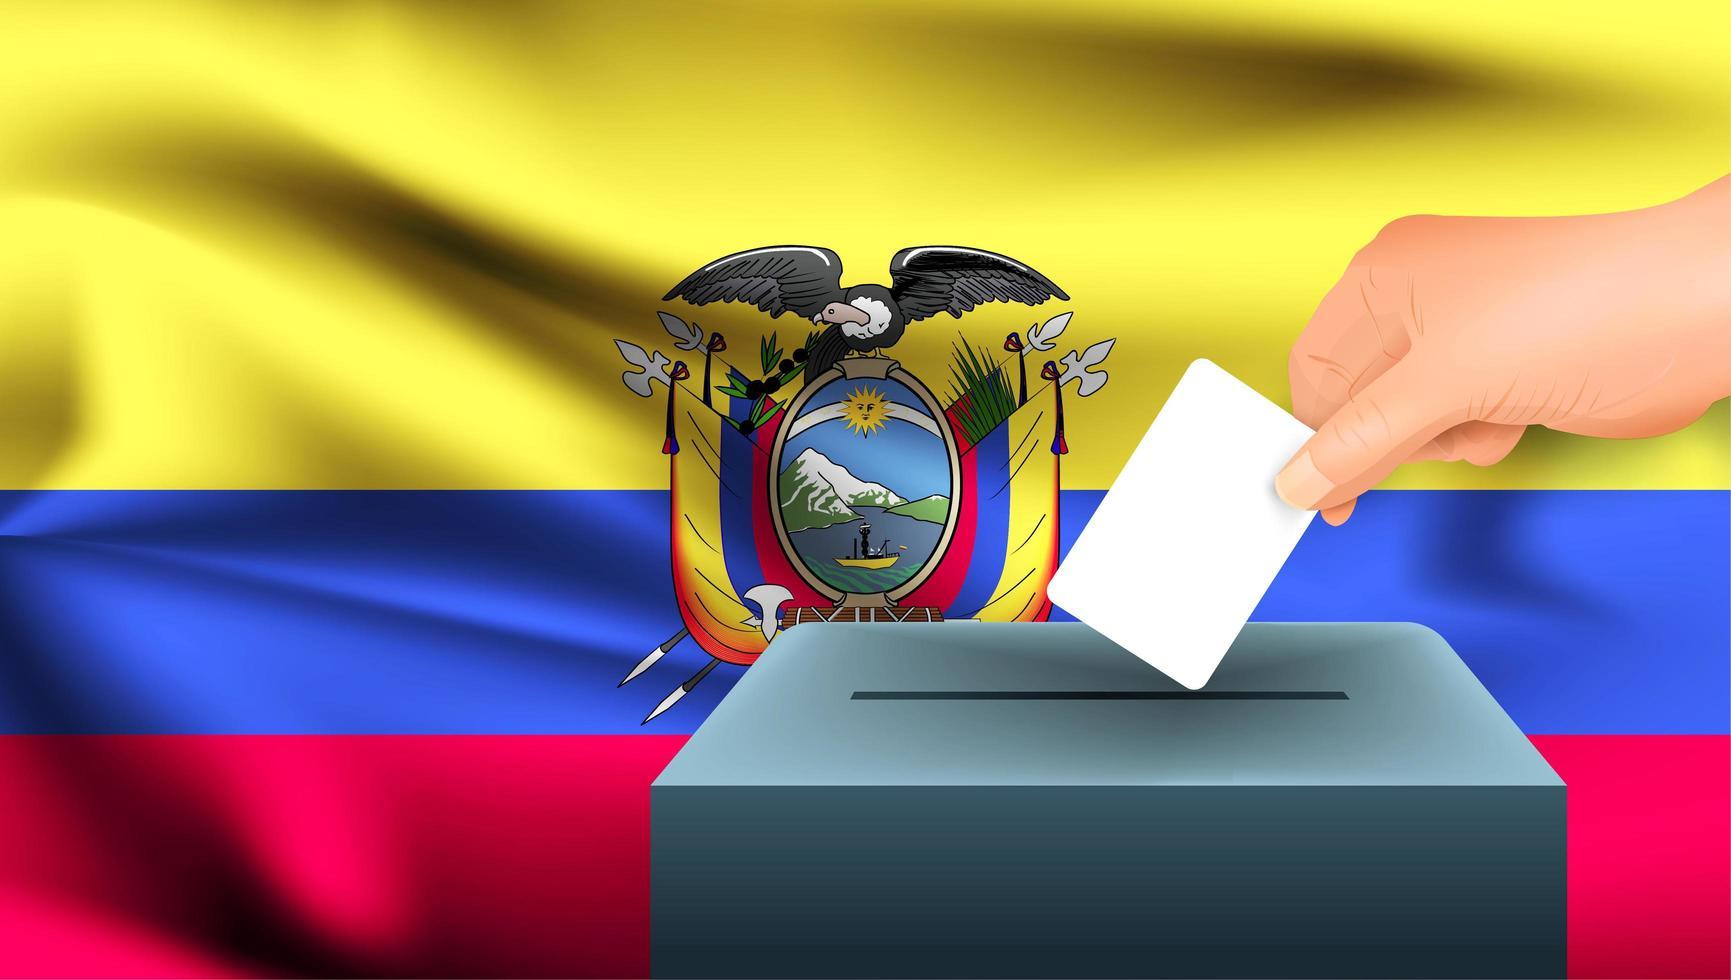 mano mettendo scheda elettorale nella casella con bandiera equadoriana vettore